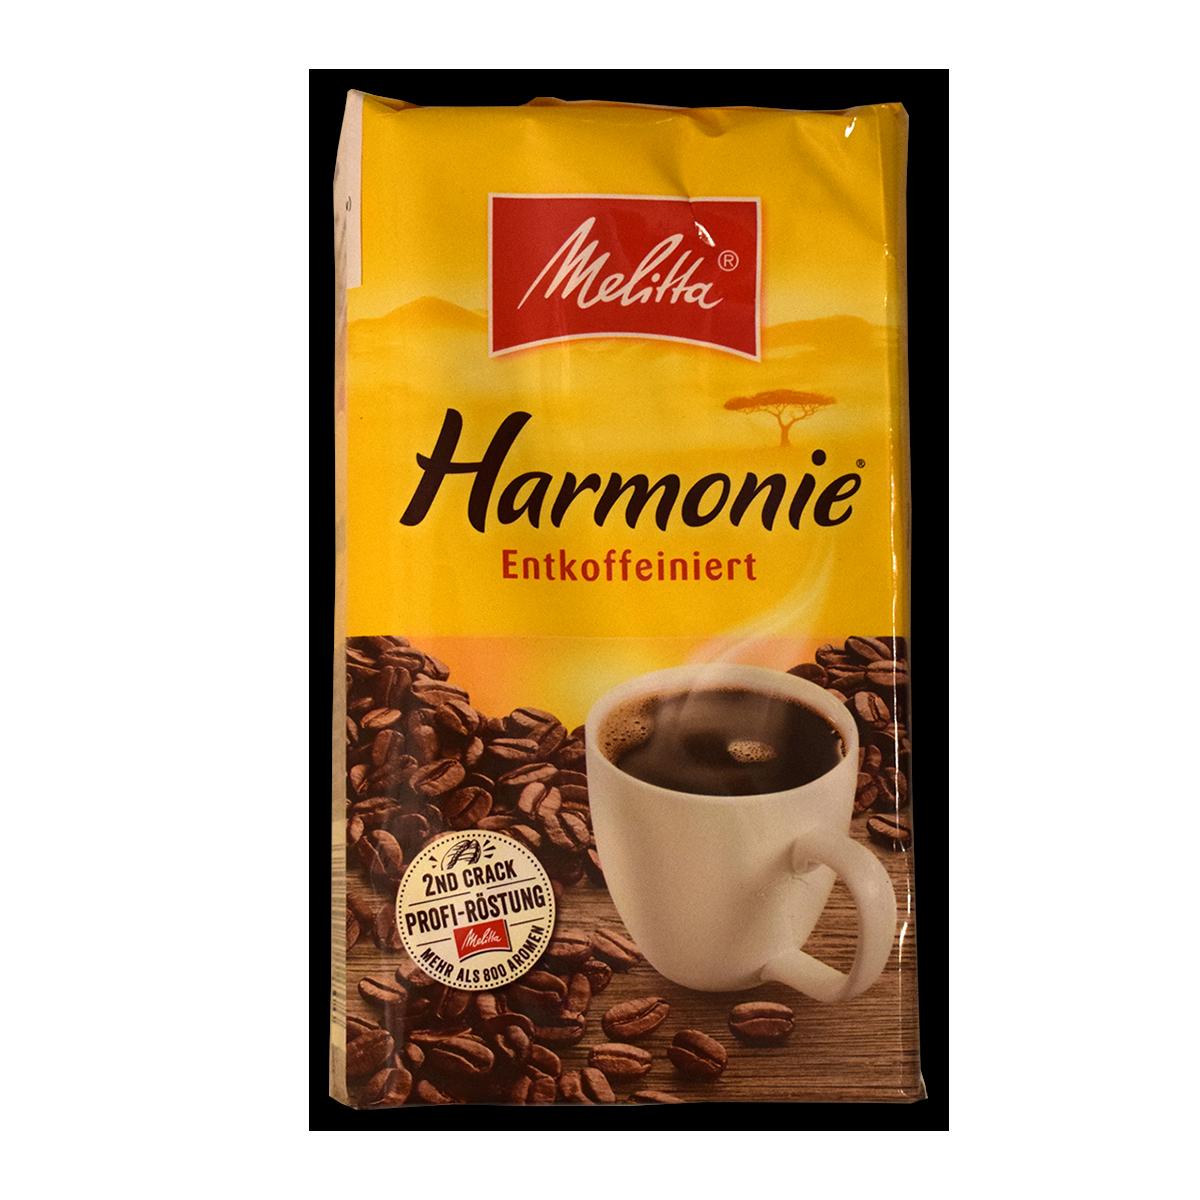 Melitta Harmonie Entkoffeiniert 500 g